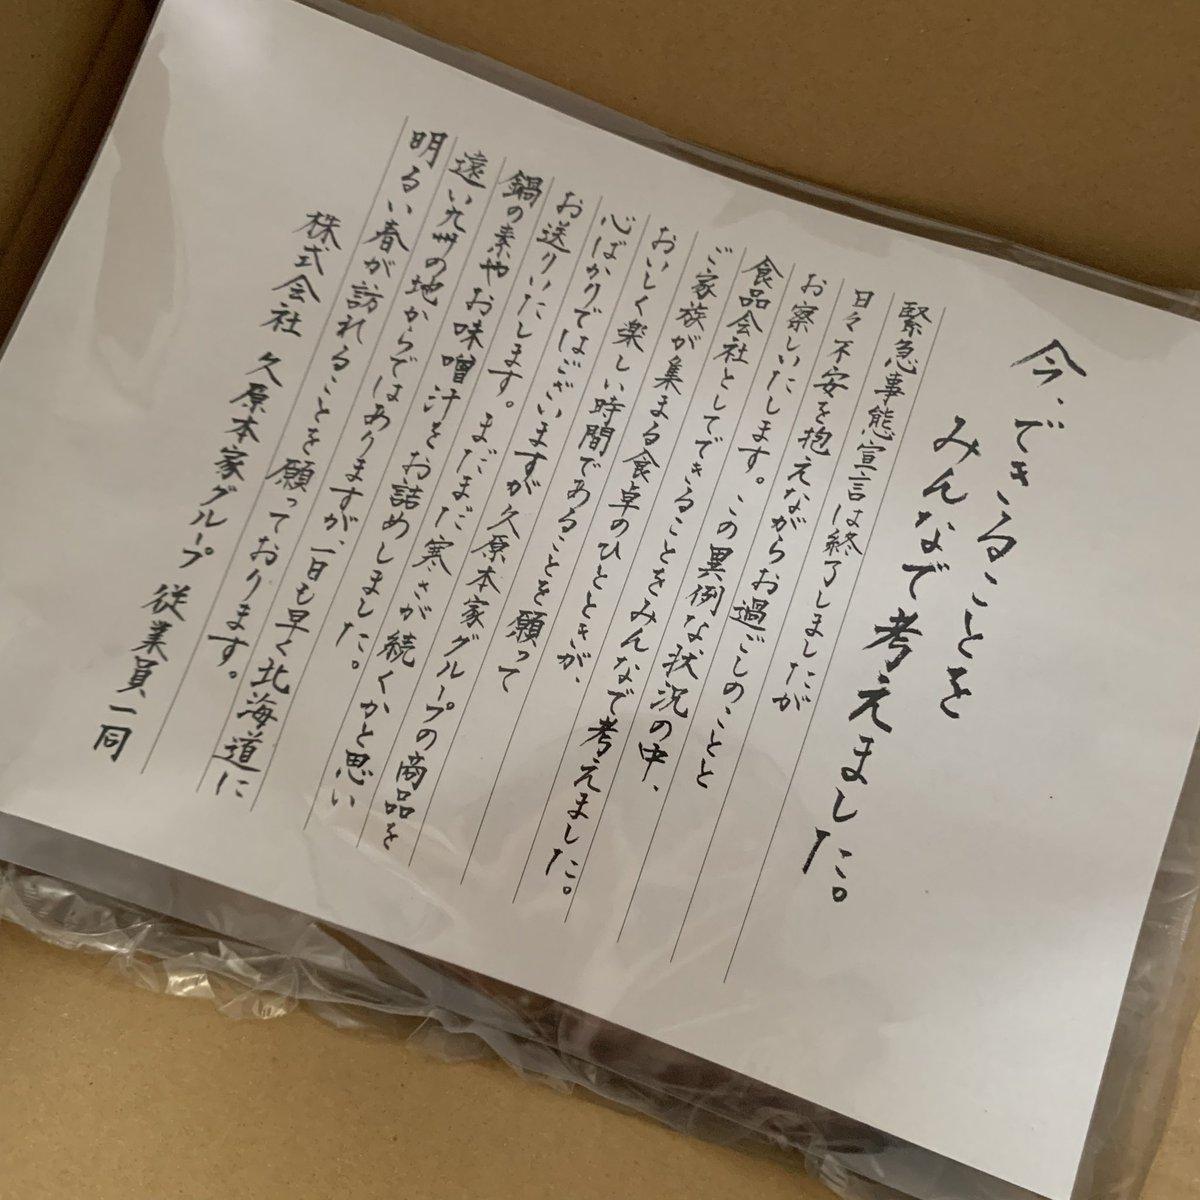 test ツイッターメディア - 普段大丸と福岡空港で買ってて、オンラインでは1度しか買っていない #茅乃舎 さんから注文していないのに荷物届いた...?と思ったら、北海道の方へのお見舞品でした。いまは福岡もお辛いでしょうに、心温まるお気遣いに感謝です。今日はゆず塩鍋にしよう! https://t.co/Ofx5OagDdV